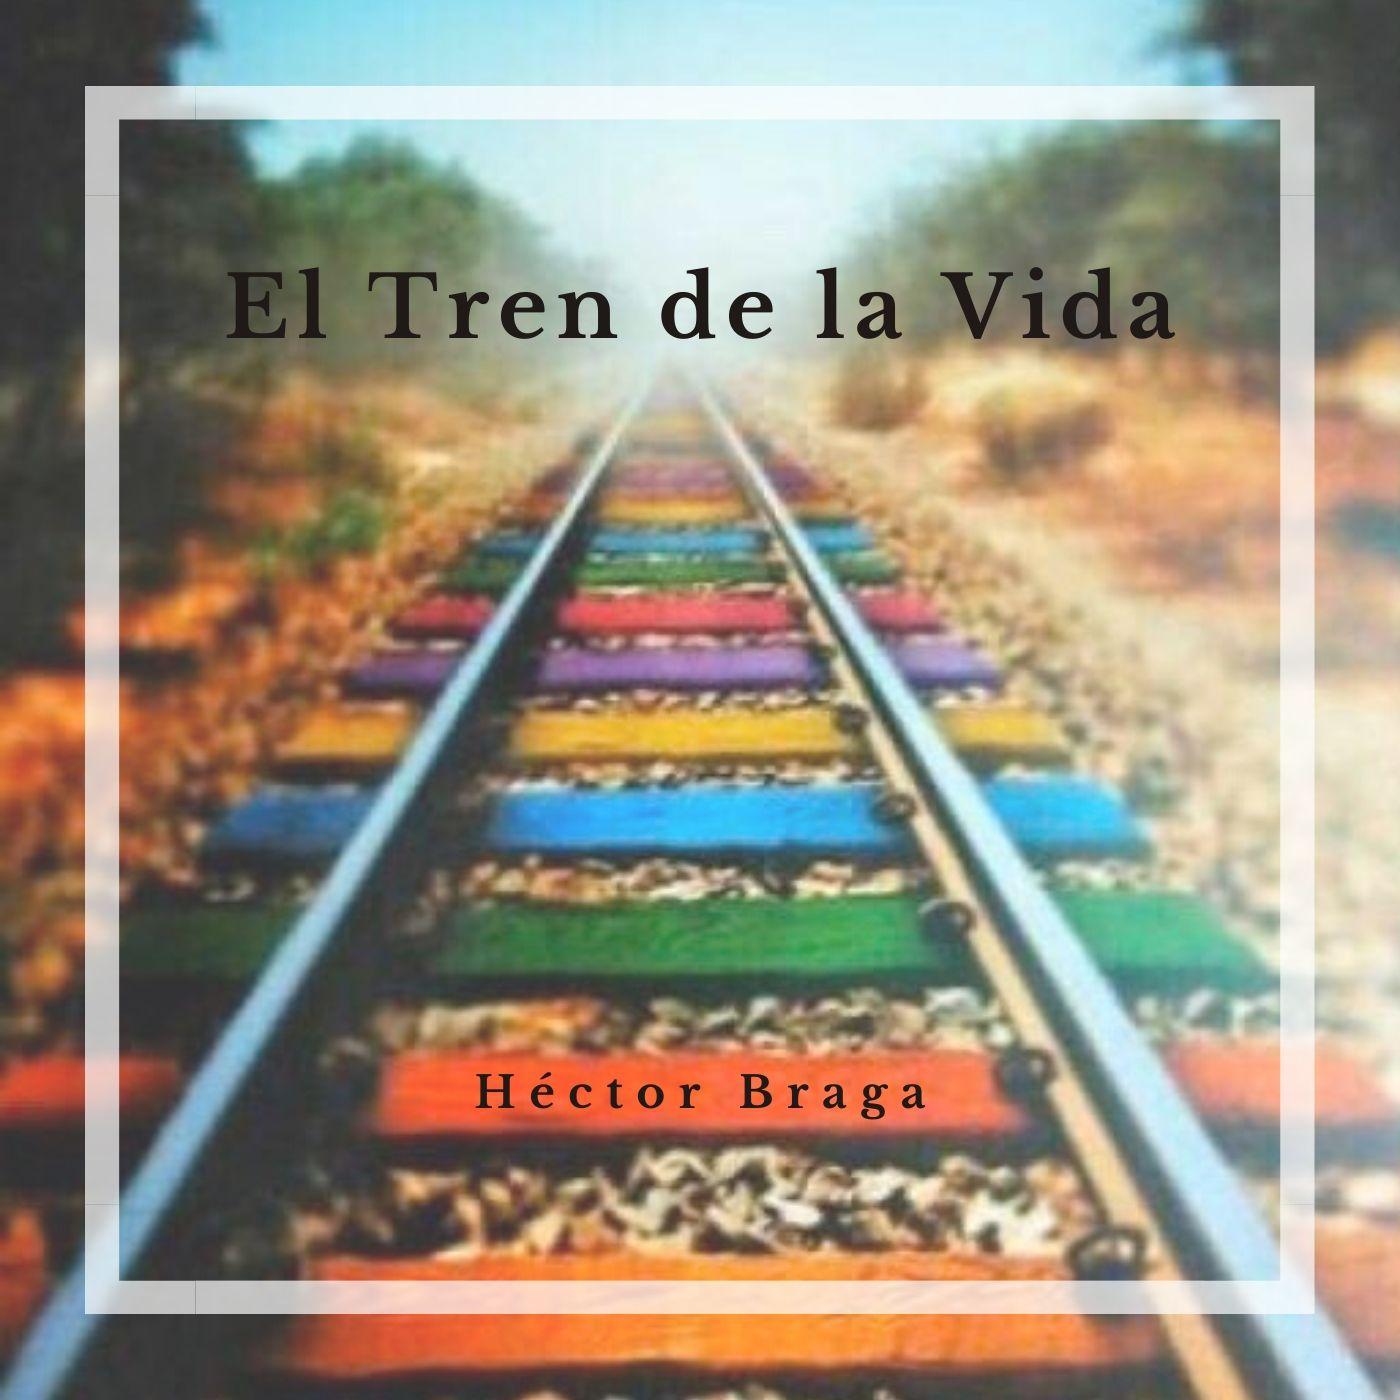 El Tren de la Vida (2020) - sencillo